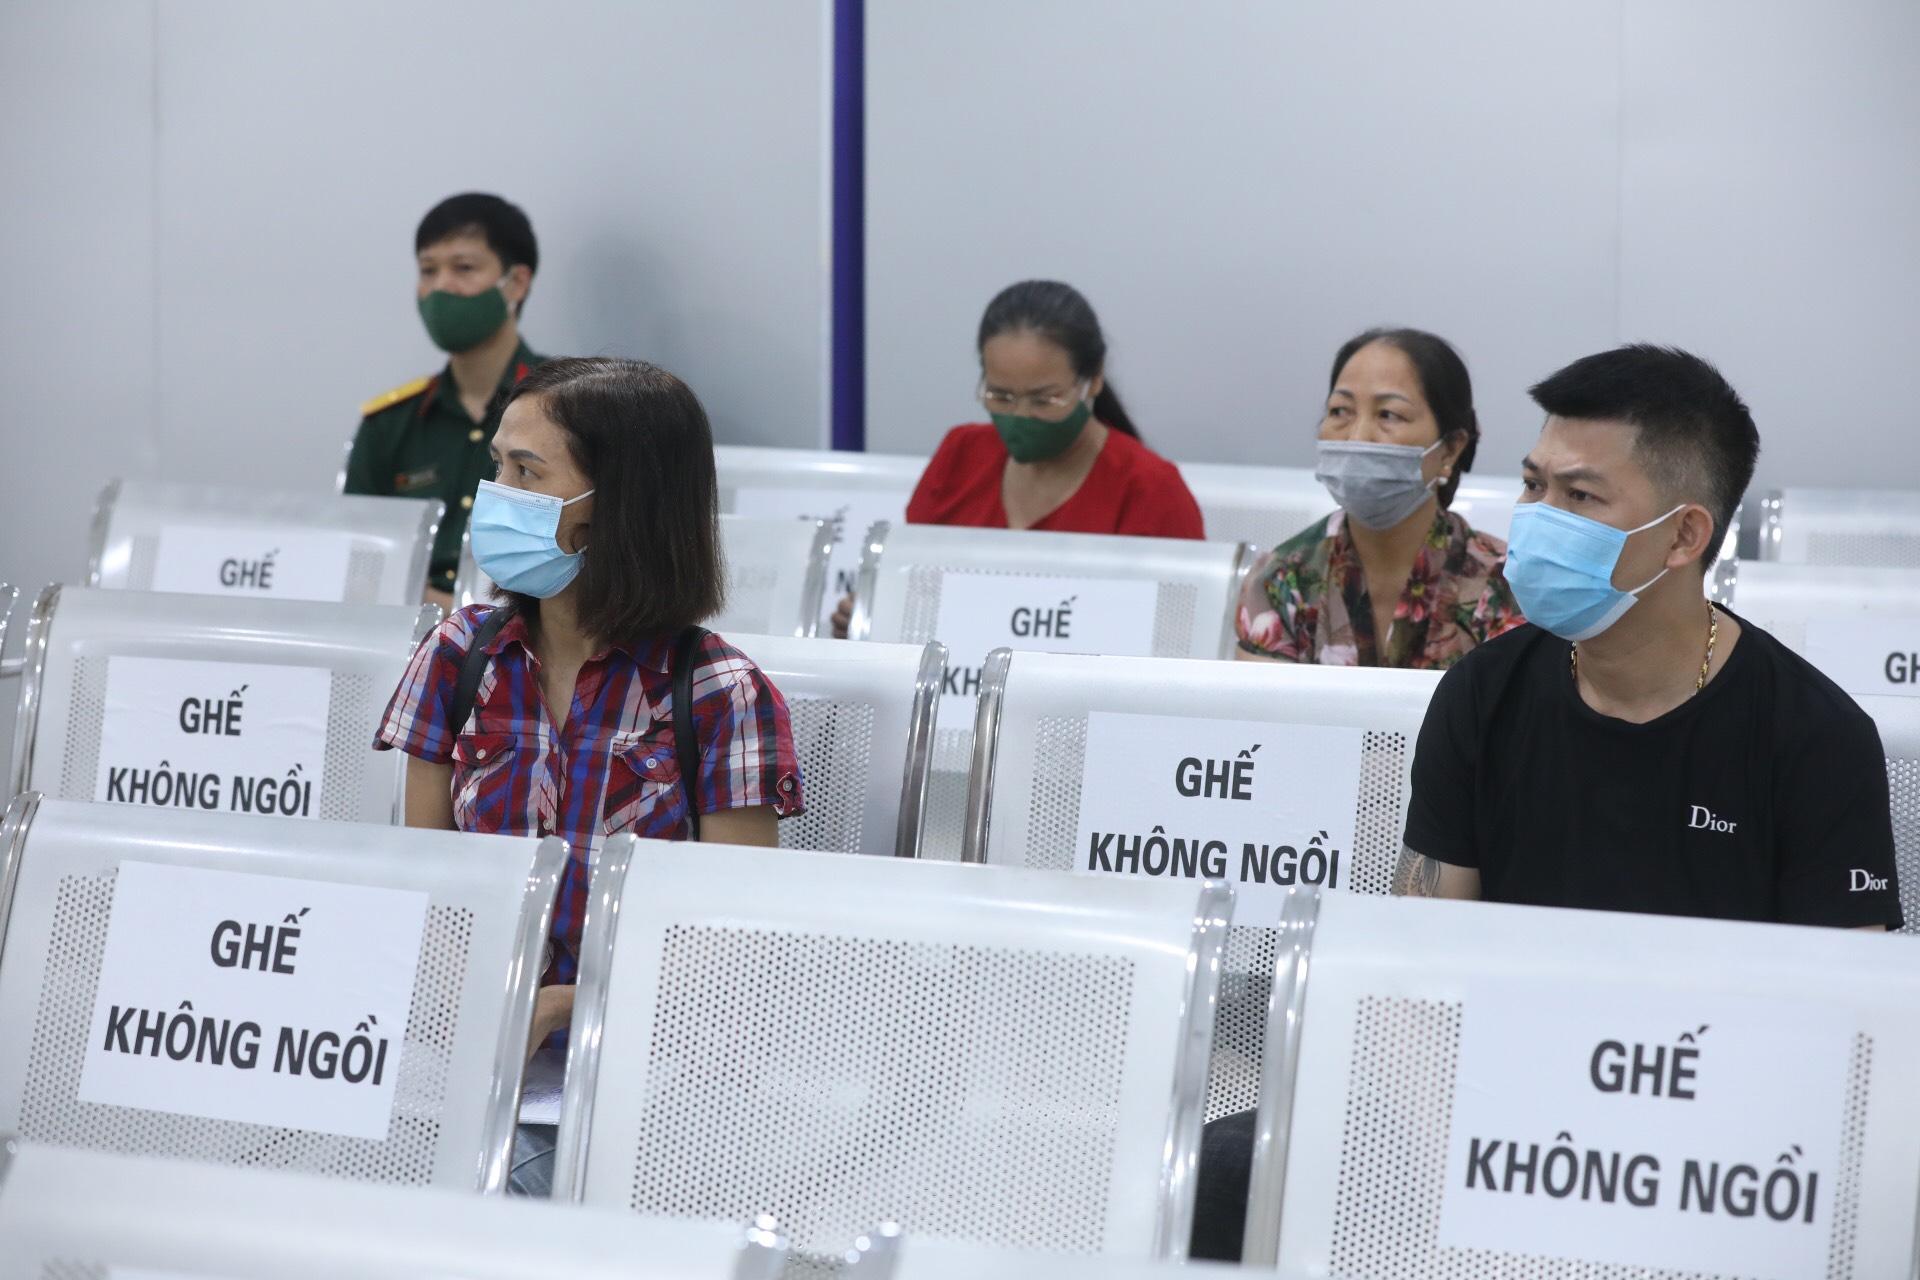 Các tình nguyện viên tham gia thử nghiệm vaccine giai đoạn 3 .Ảnh: VGP/Đình Nam